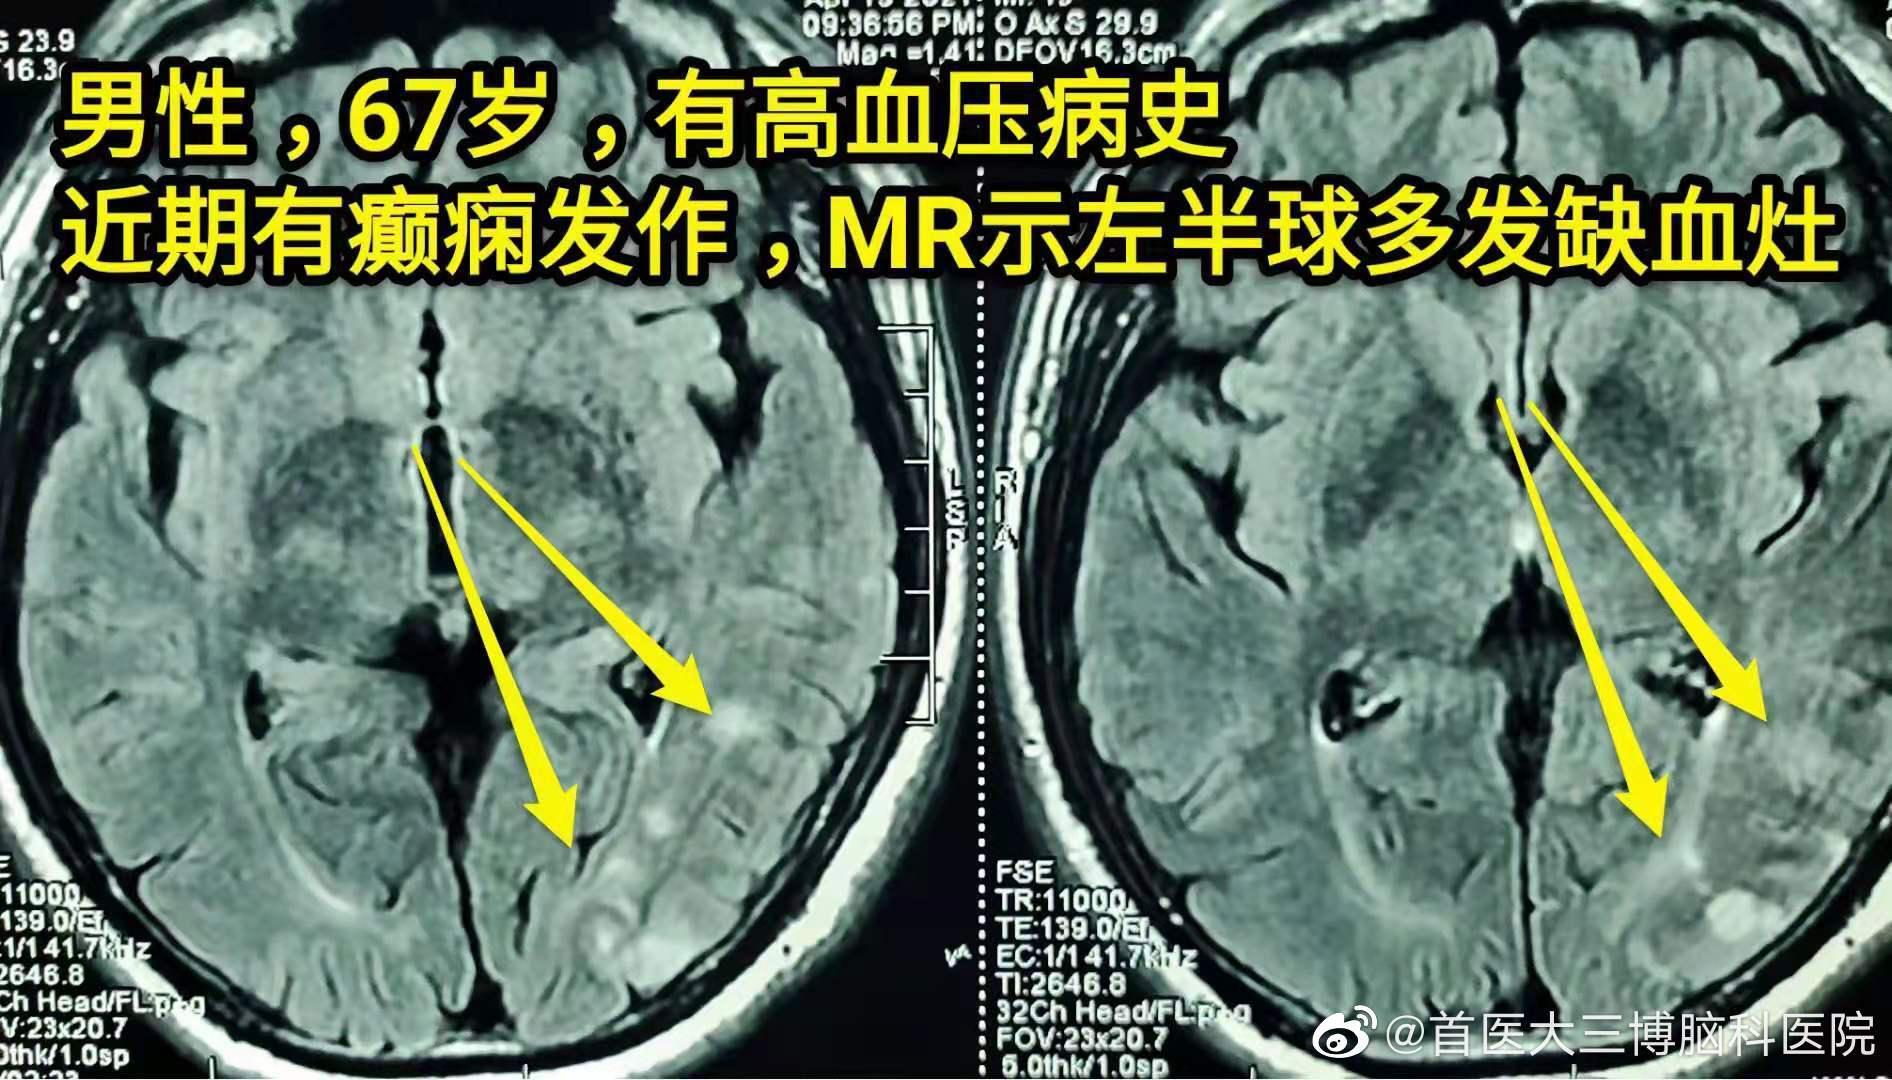 摘自我院神经外科吴斌副教授日志: 颈动脉内膜剥脱术 67岁男性……